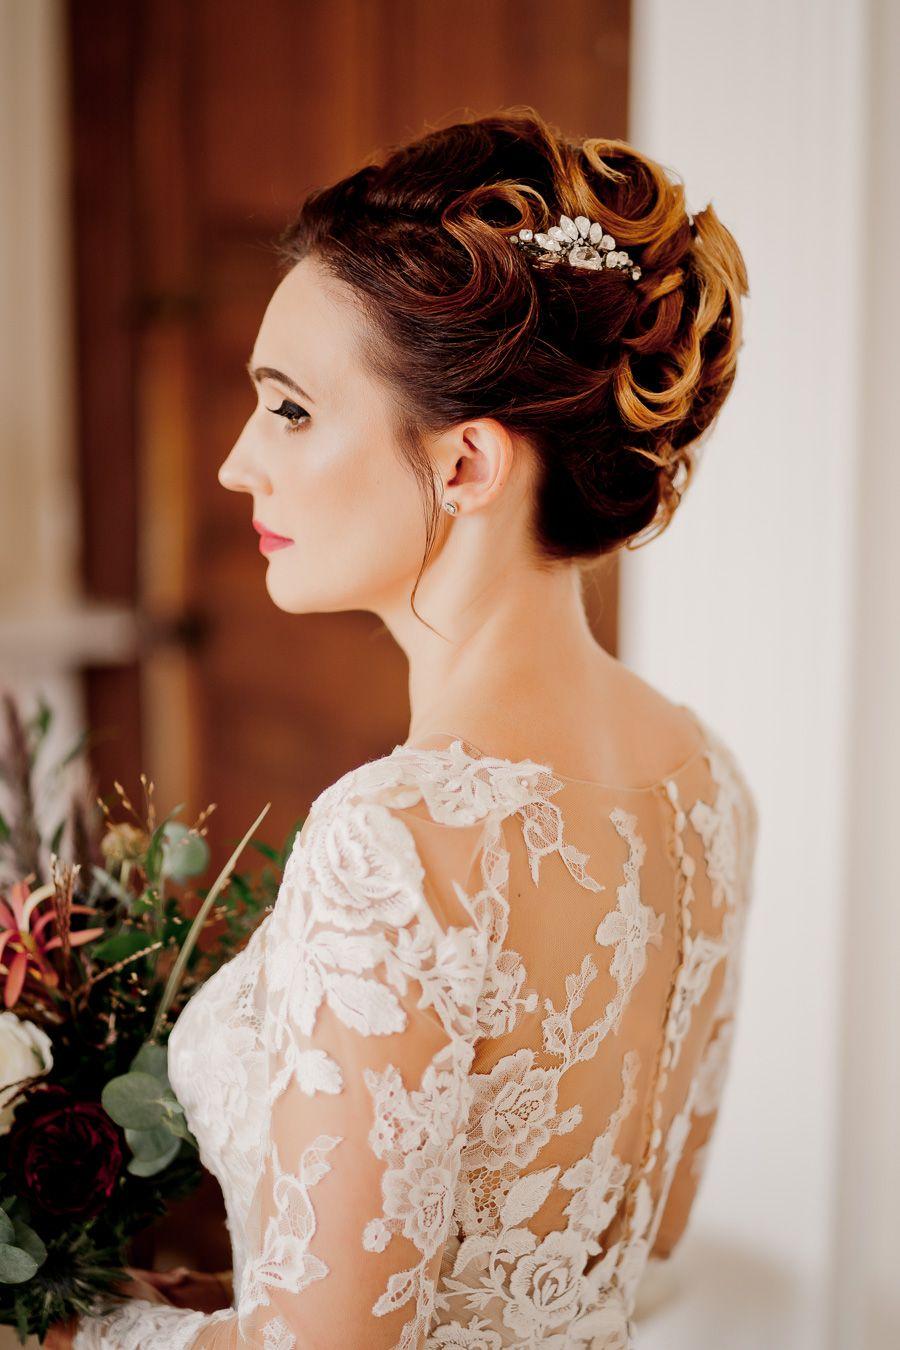 vanity fair inspired, elegant glamour from davenport house